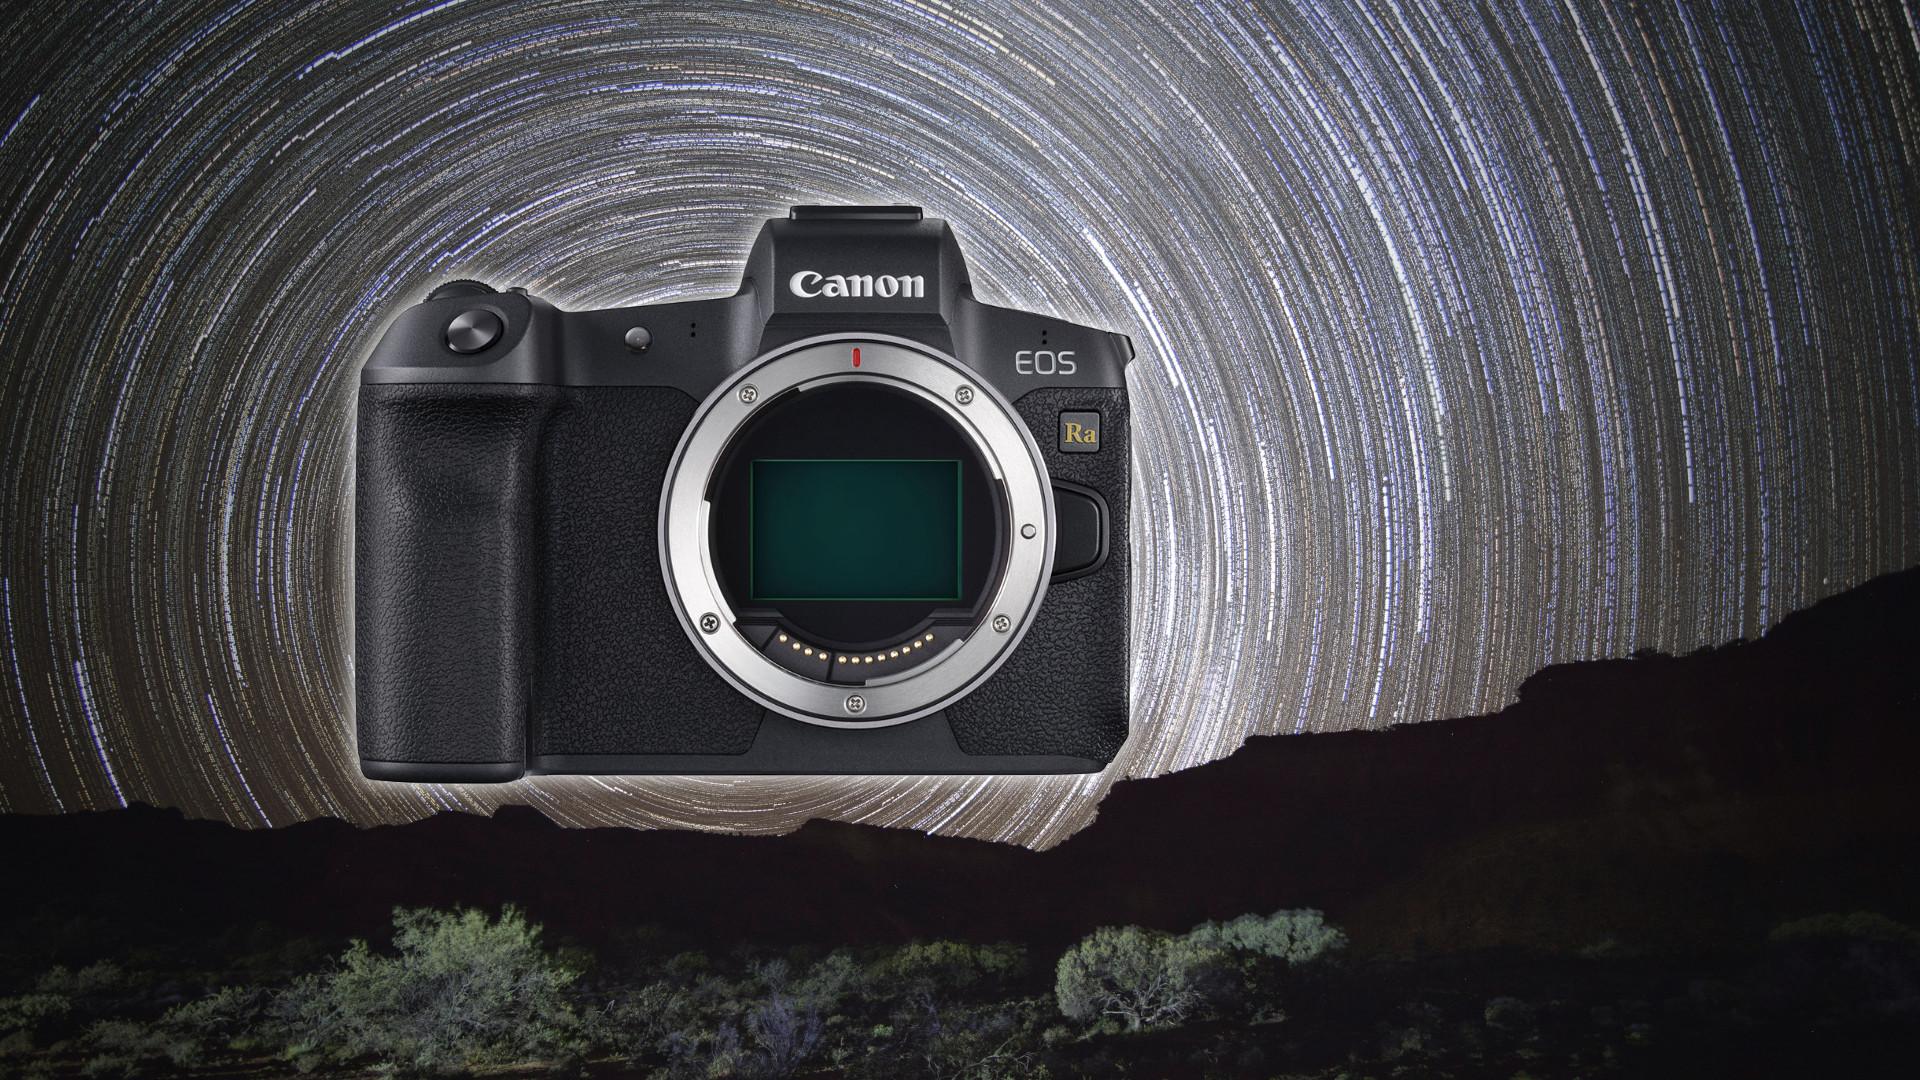 キヤノンがEOS Raをリリース -天体撮影専用のフルサイズミラーレスカメラ